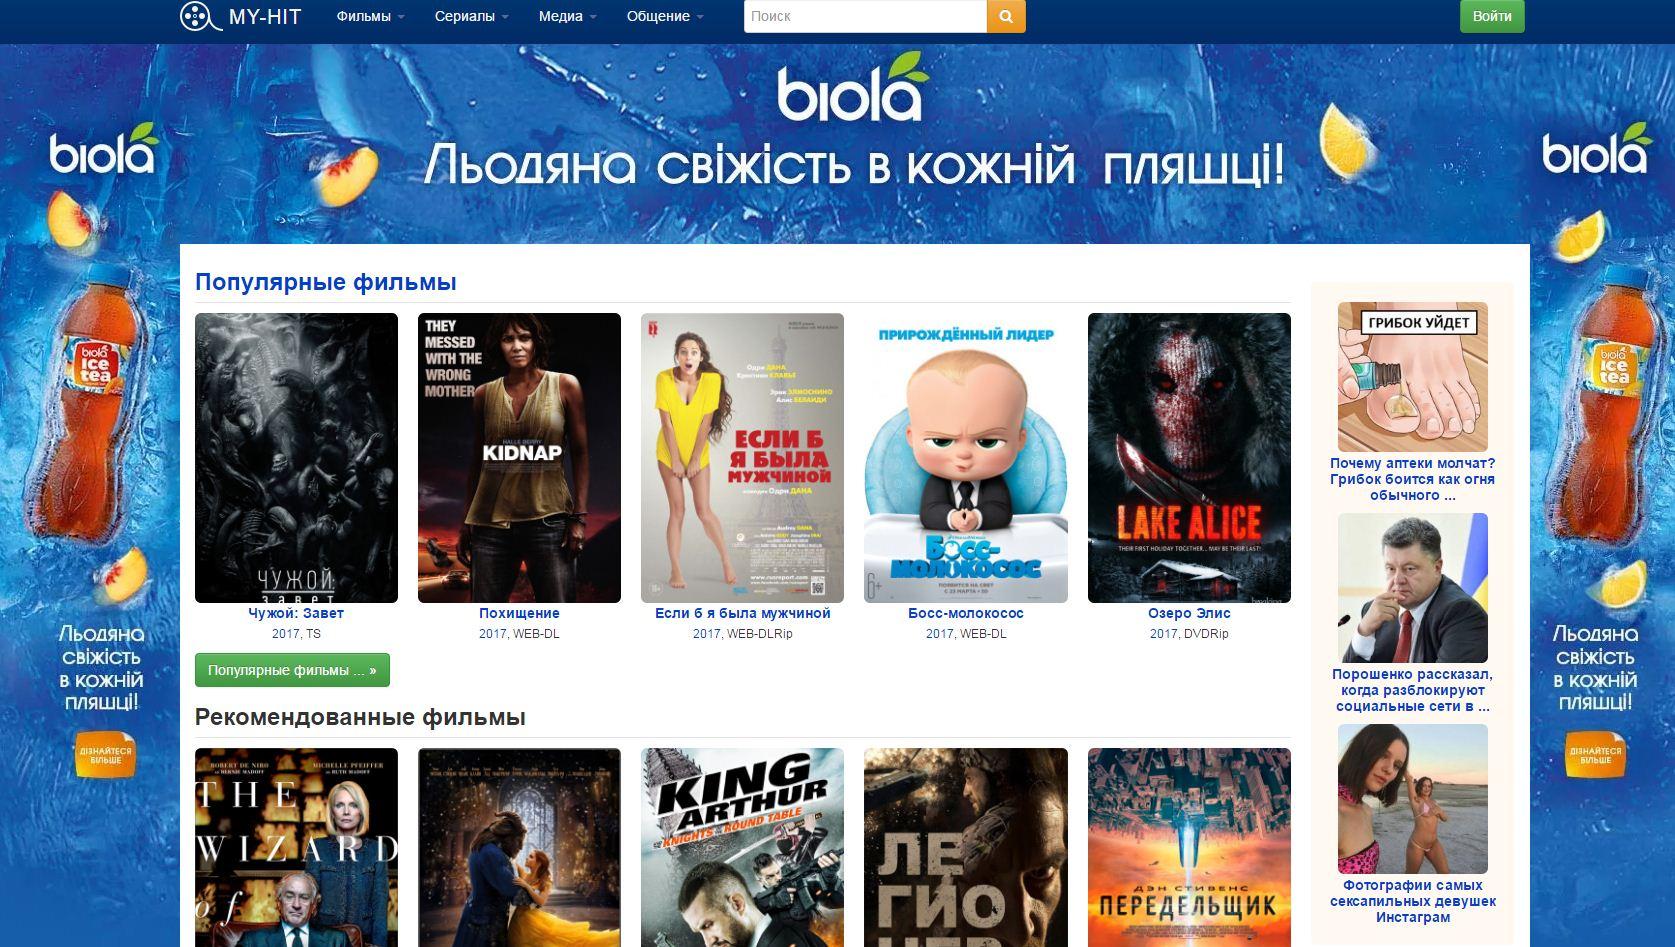 Сайты с хорошего качества фильмами по жанрам фото 693-41